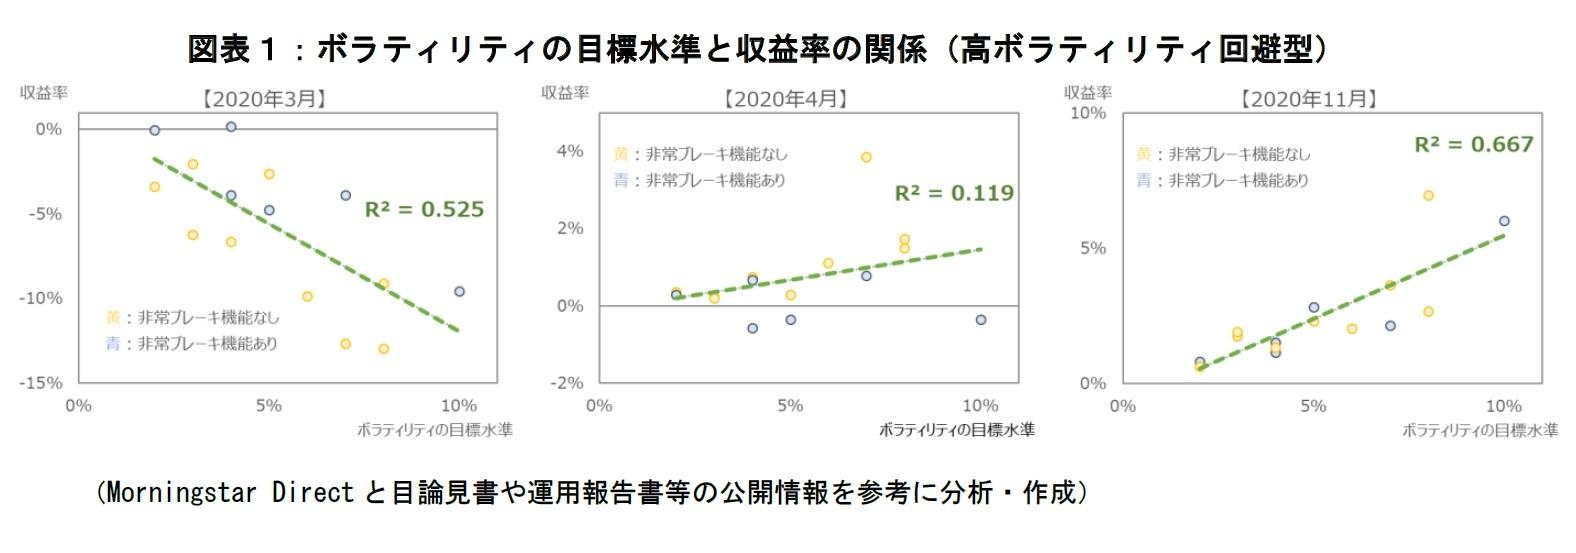 図表1:ボラティリティの目標水準と収益率の